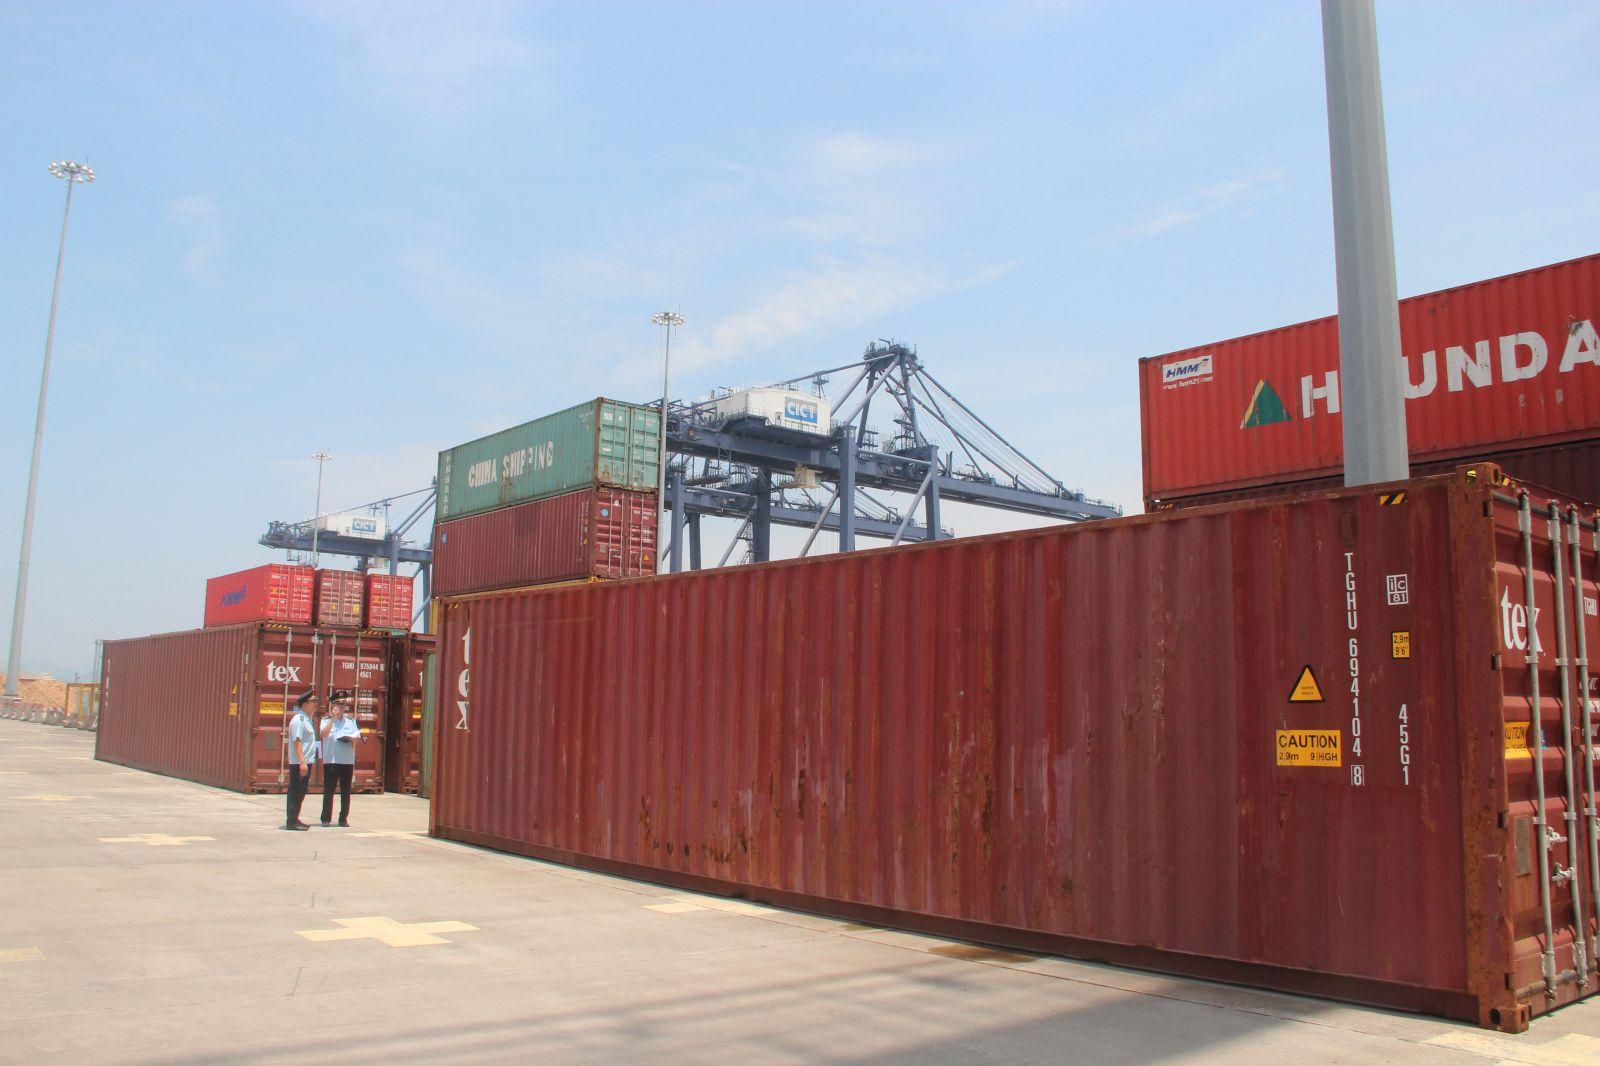 Đề xuất đầu tư 500 tỷ đồng nâng cấp Cảng Cái Lân - Quảng Ninh - Ảnh 1